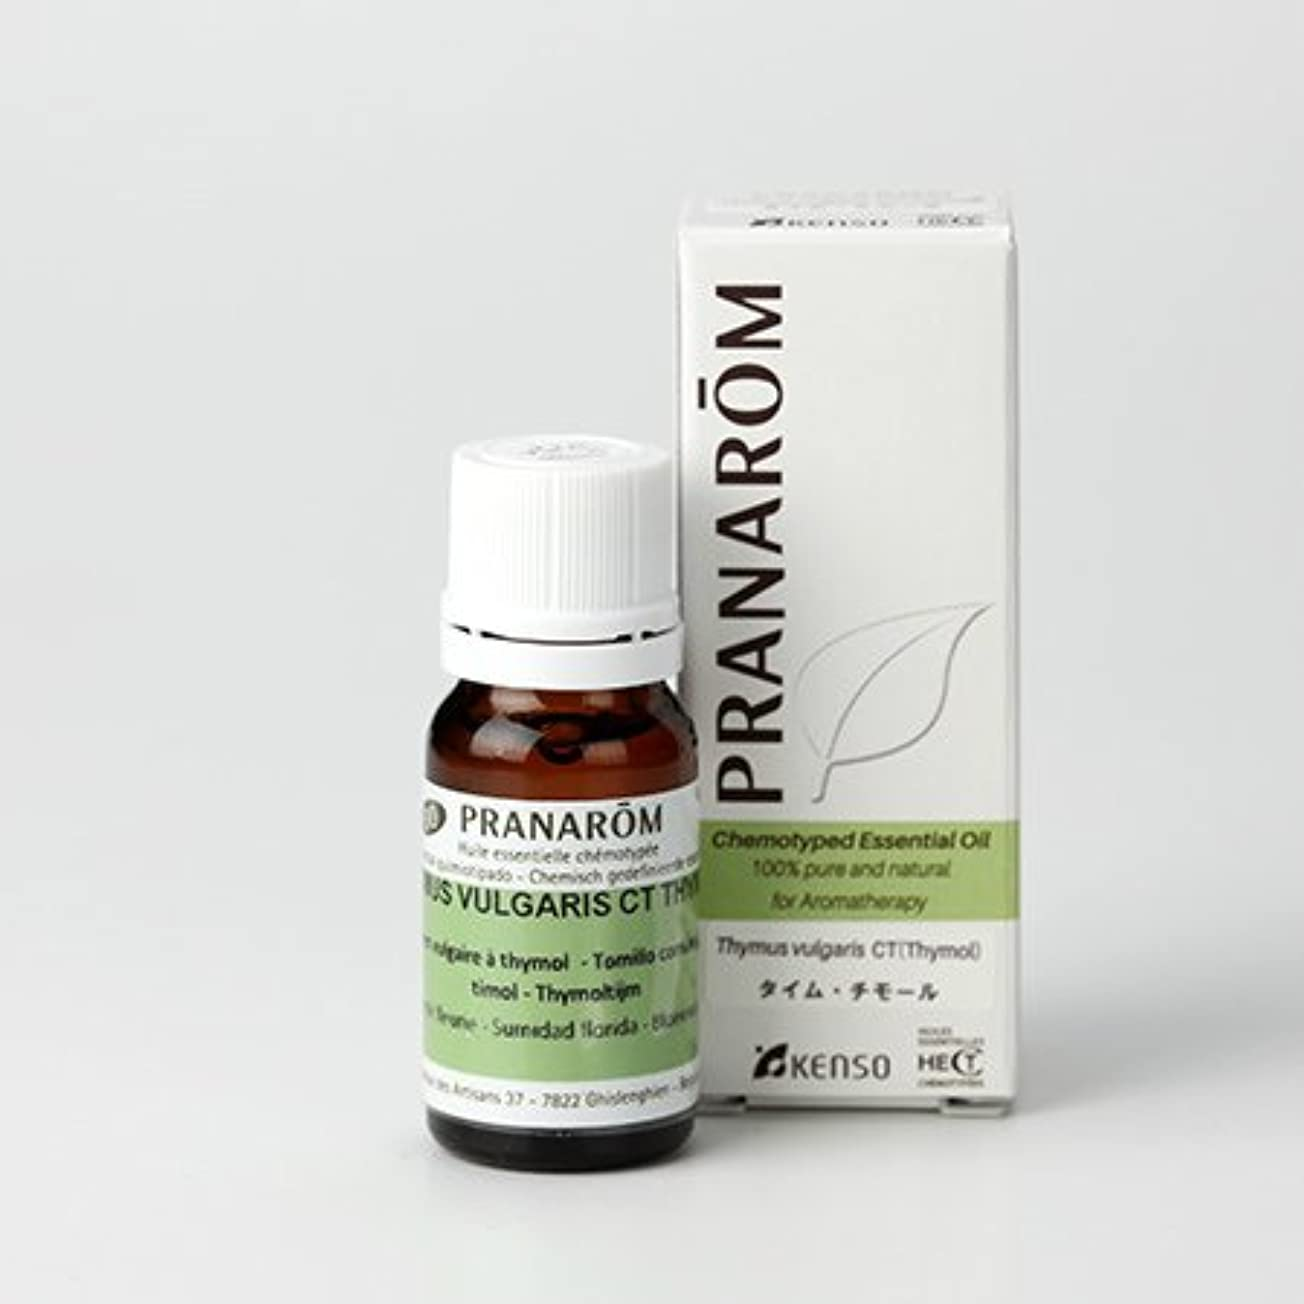 チャップ緊張不機嫌プラナロム タイムチモール 10ml (PRANAROM ケモタイプ精油)